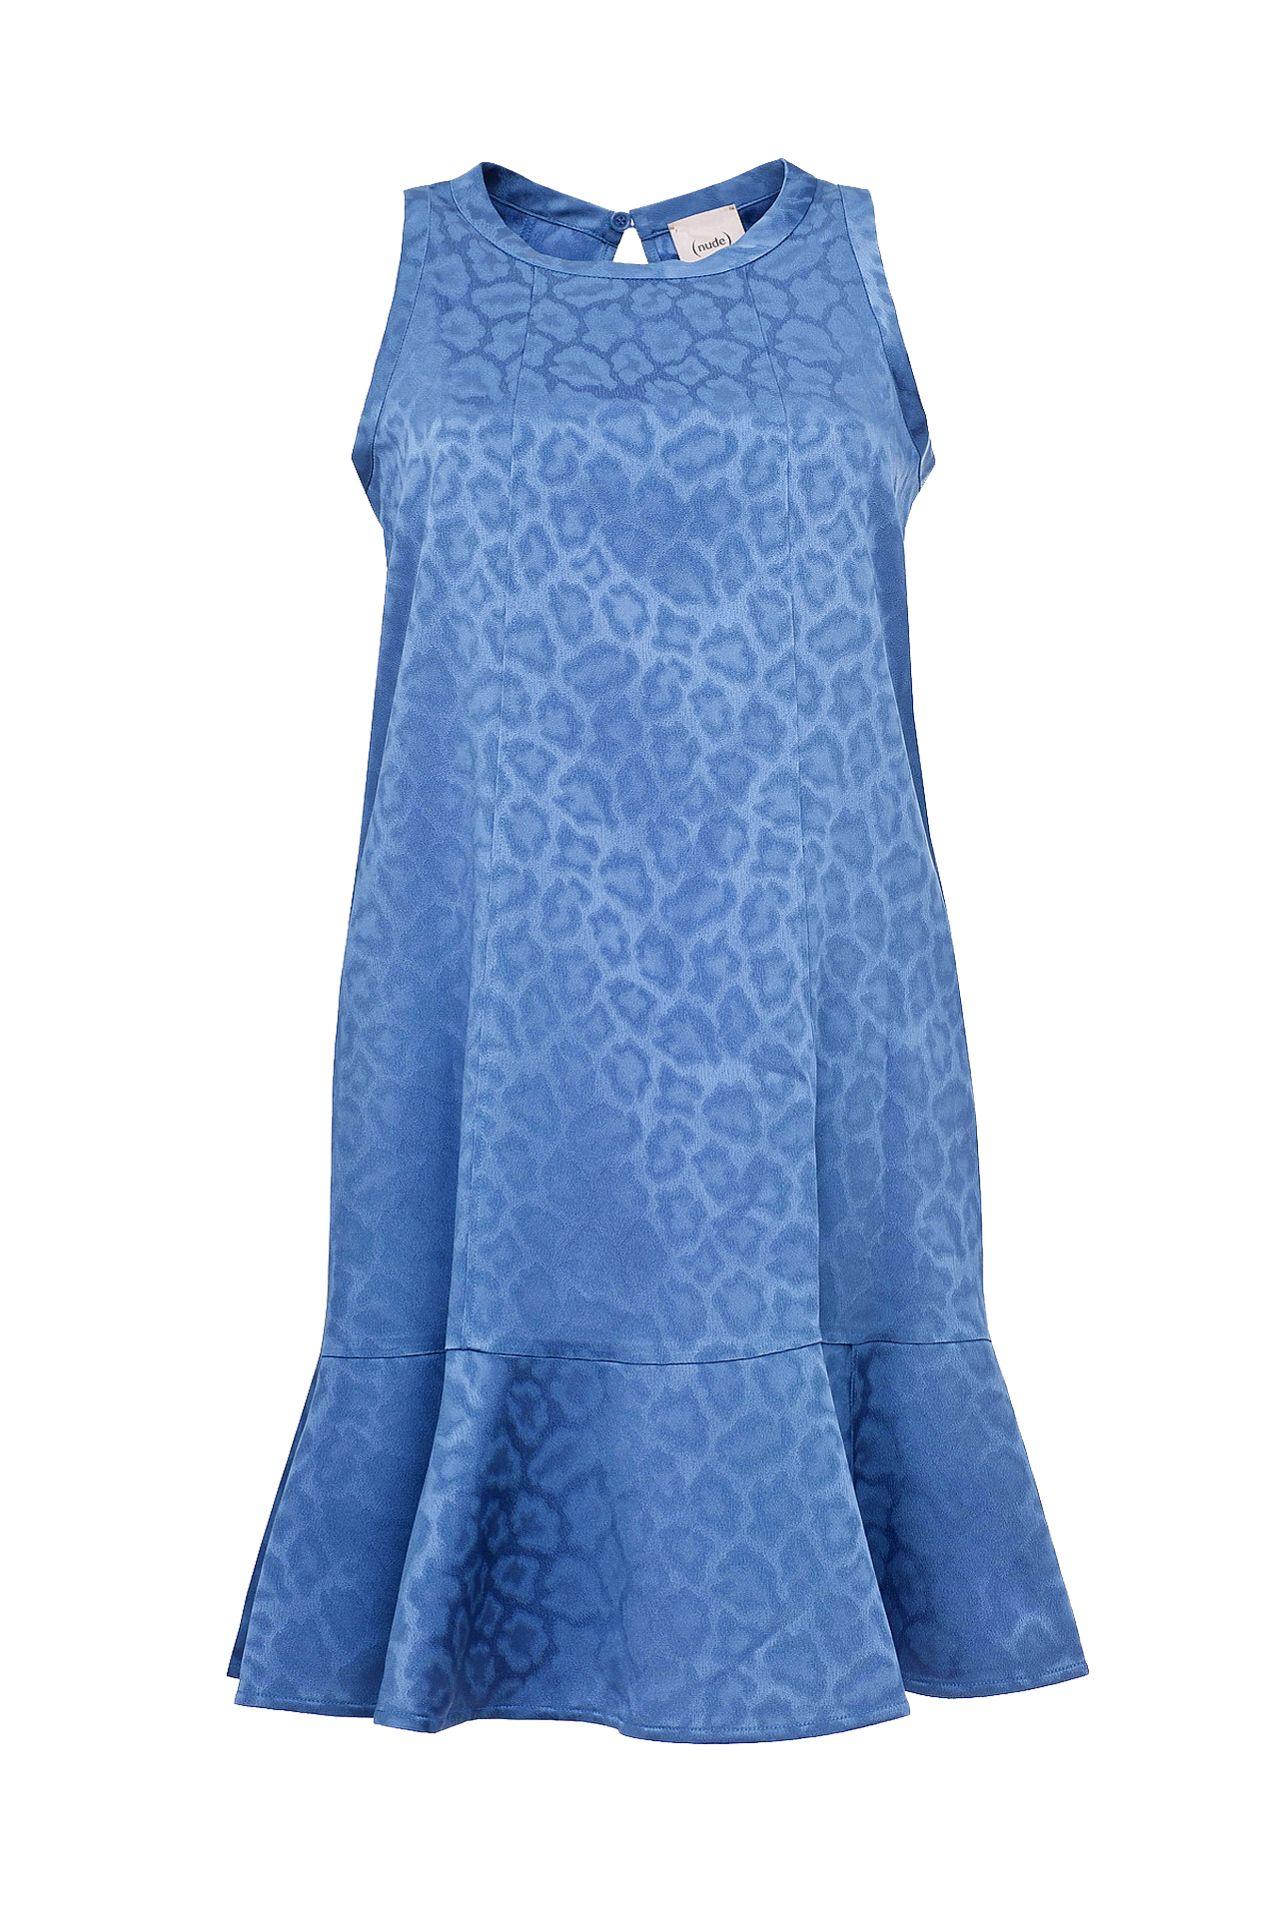 Платье NUDE женская юбка brand new c47 saia sv016397 c47